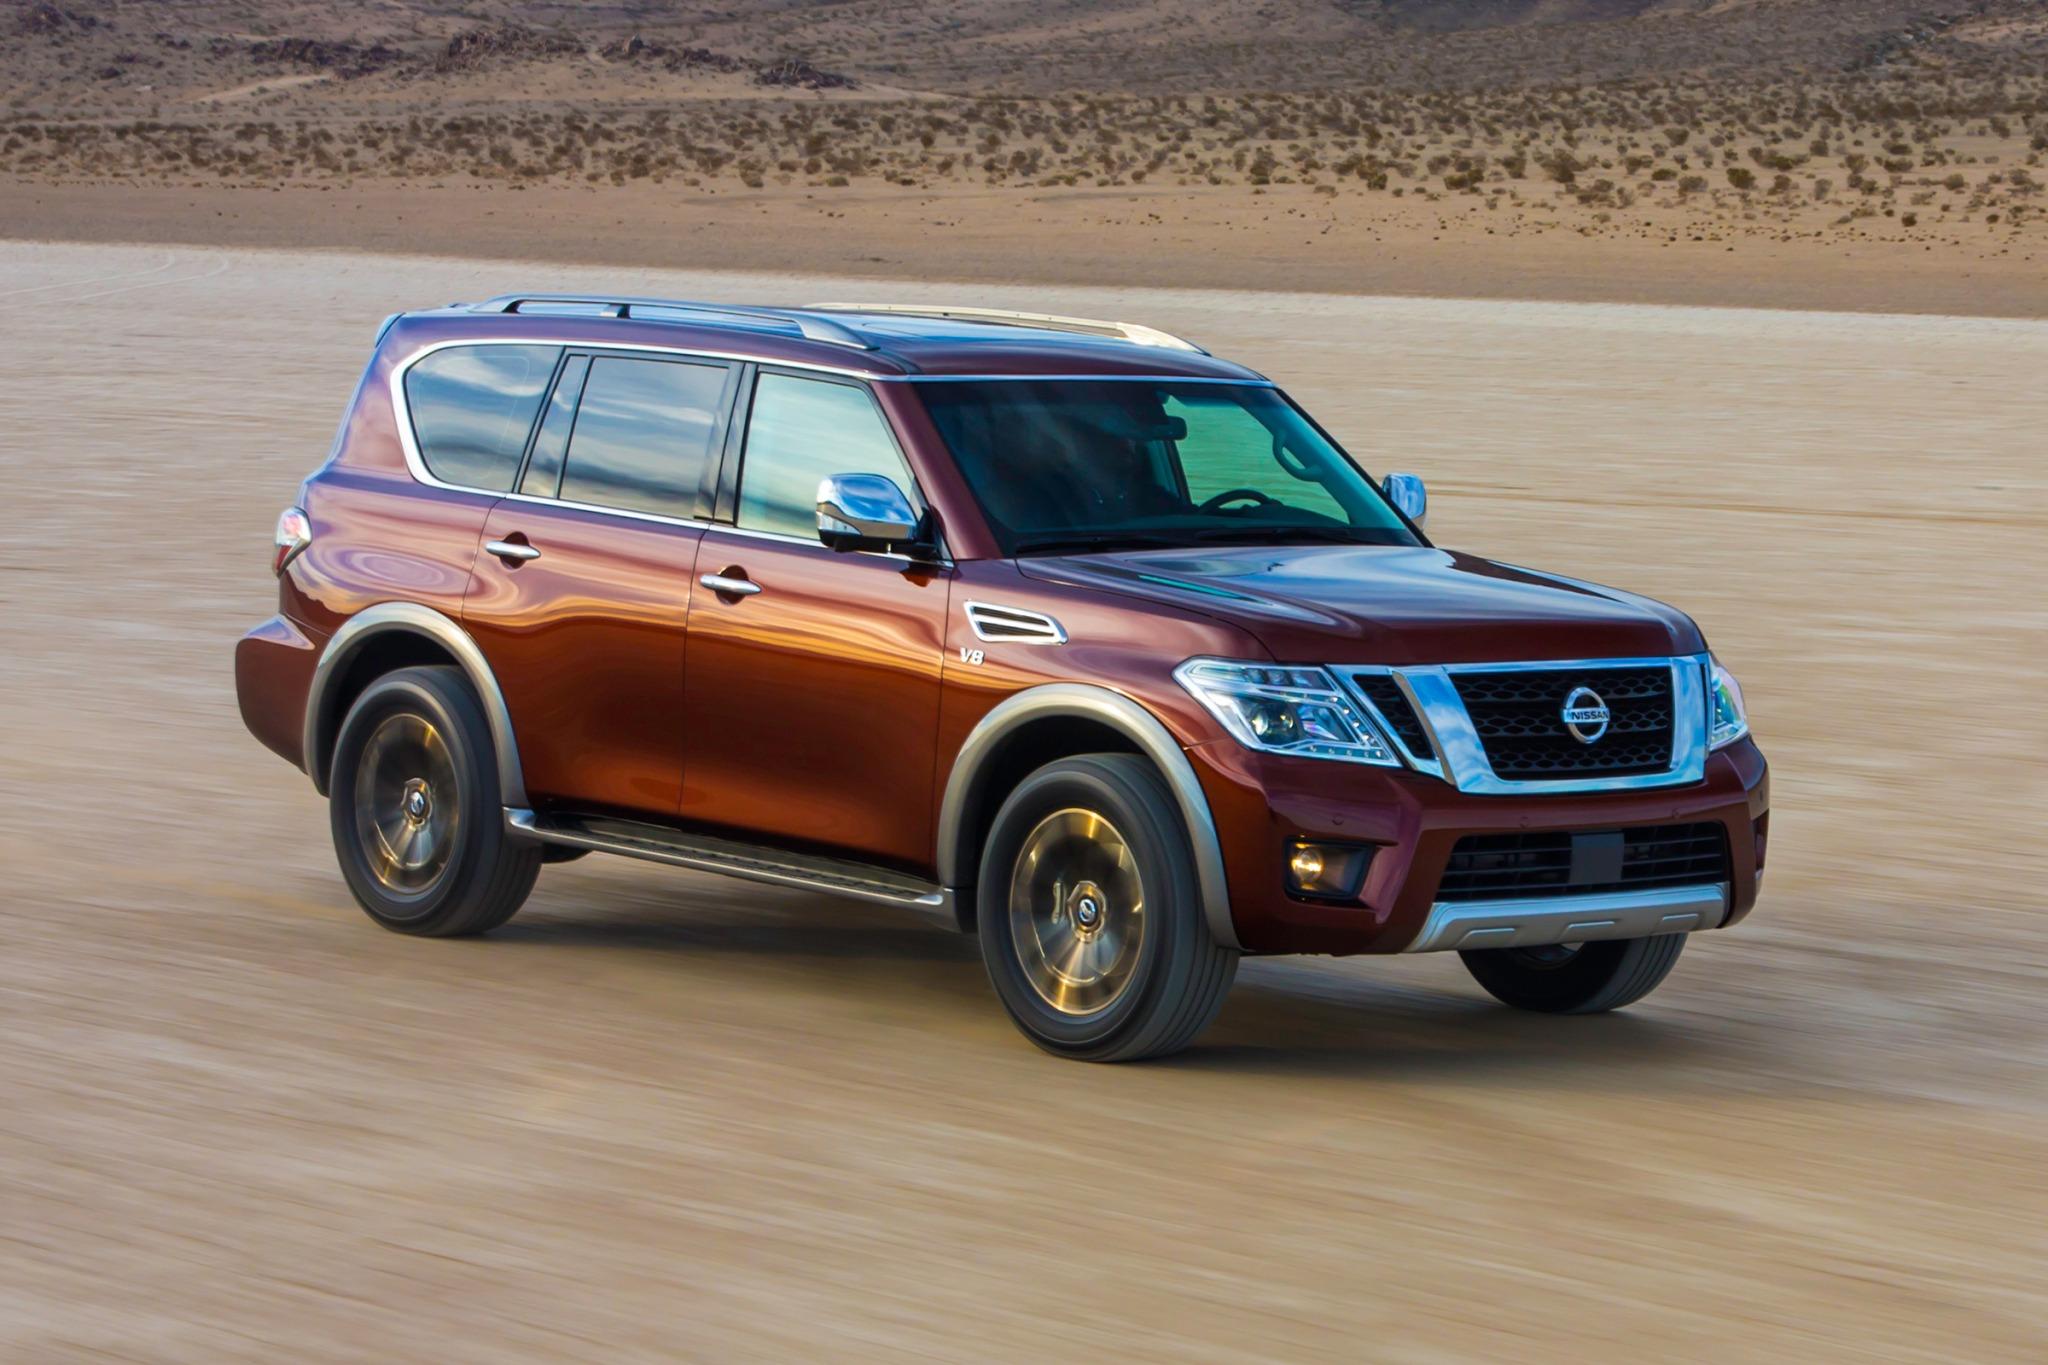 2017 Nissan Armada Configurations >> 2017 Nissan Armada VIN Check, Specs & Recalls - AutoDetective